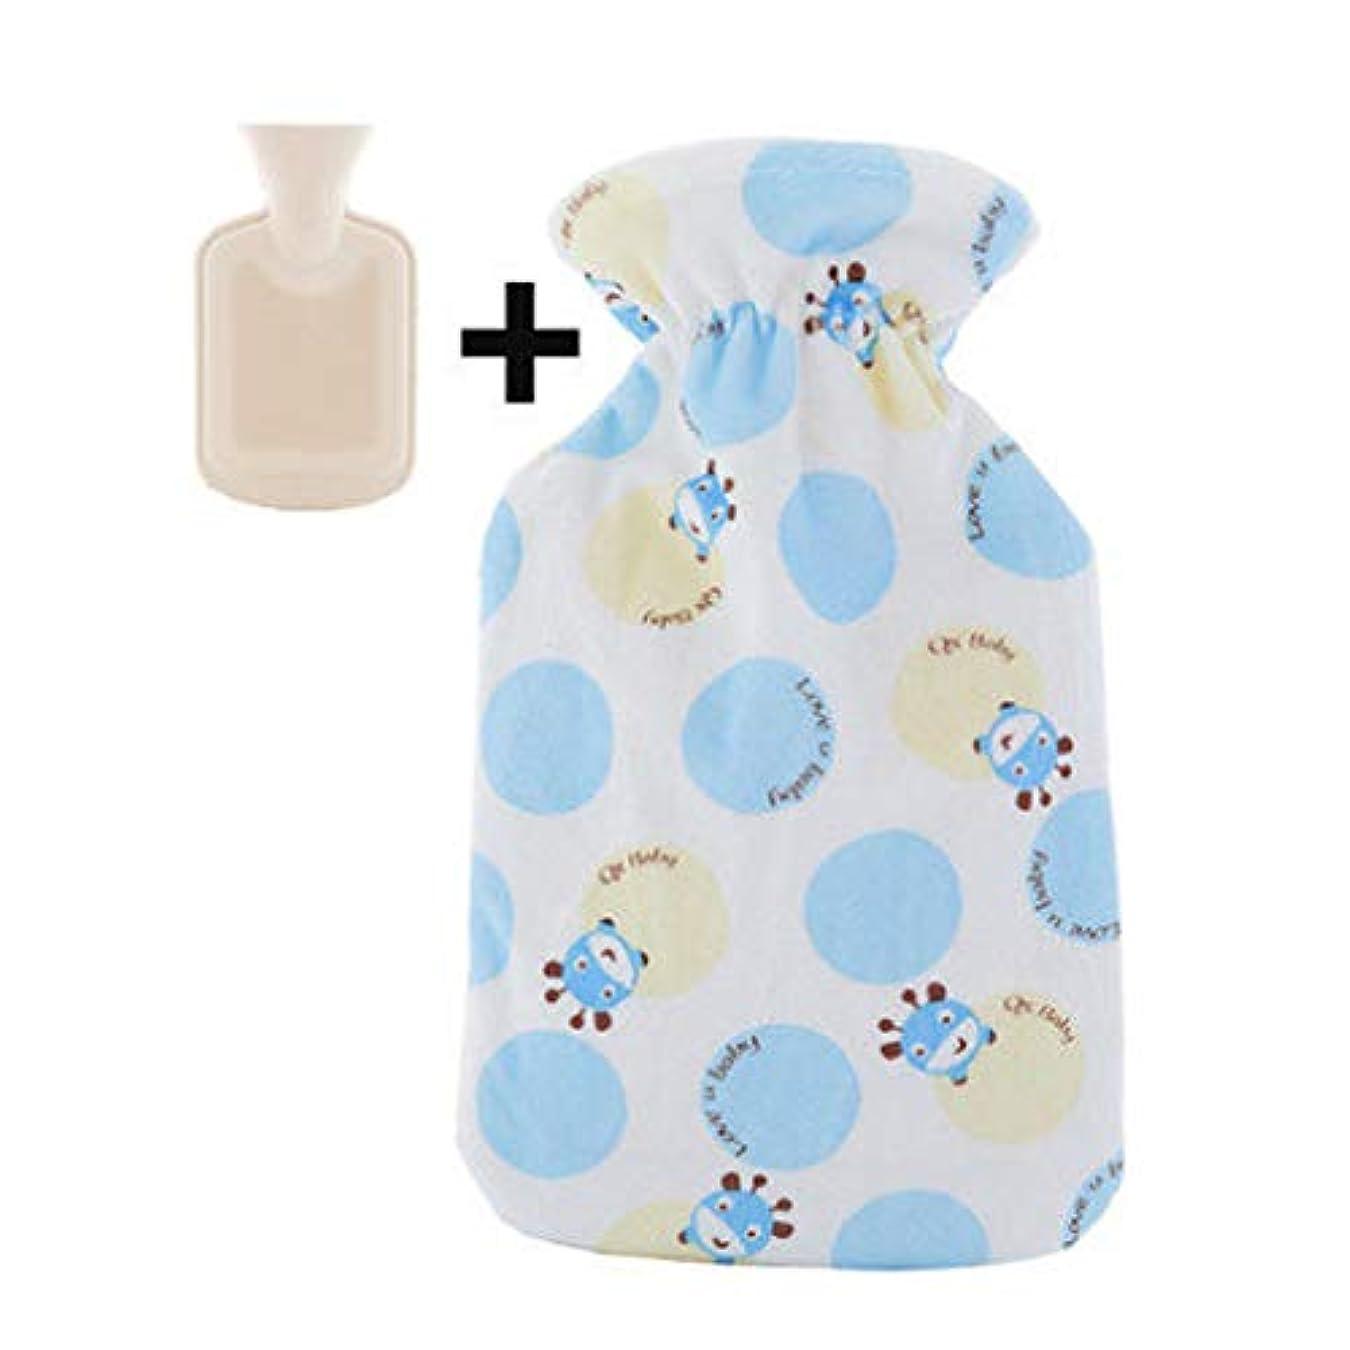 和クリックバトル古典的なゴムの熱い水のボトルは小さいサイズ - 500ML